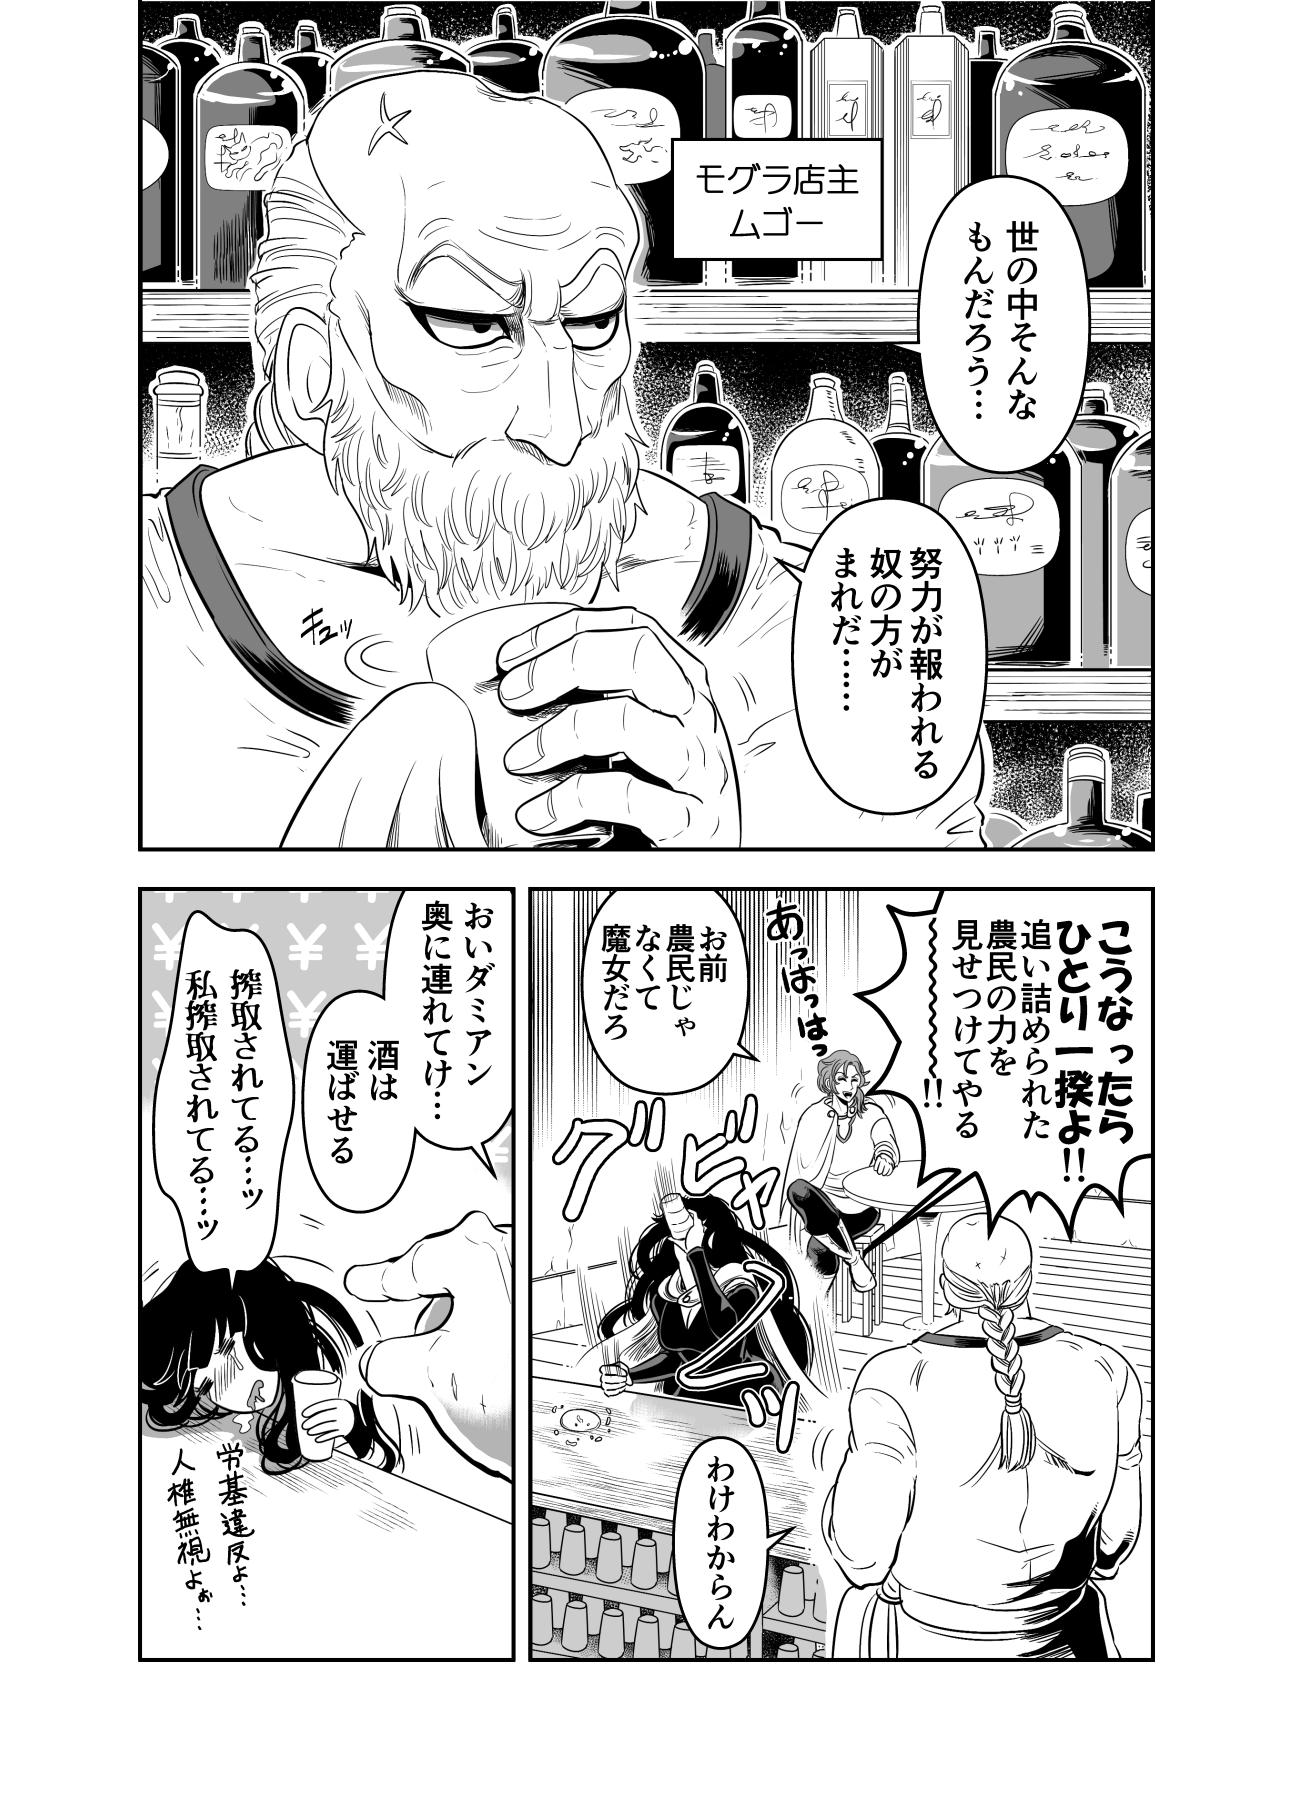 ヤサグレ魔女と第1王子と吸血鬼①0021